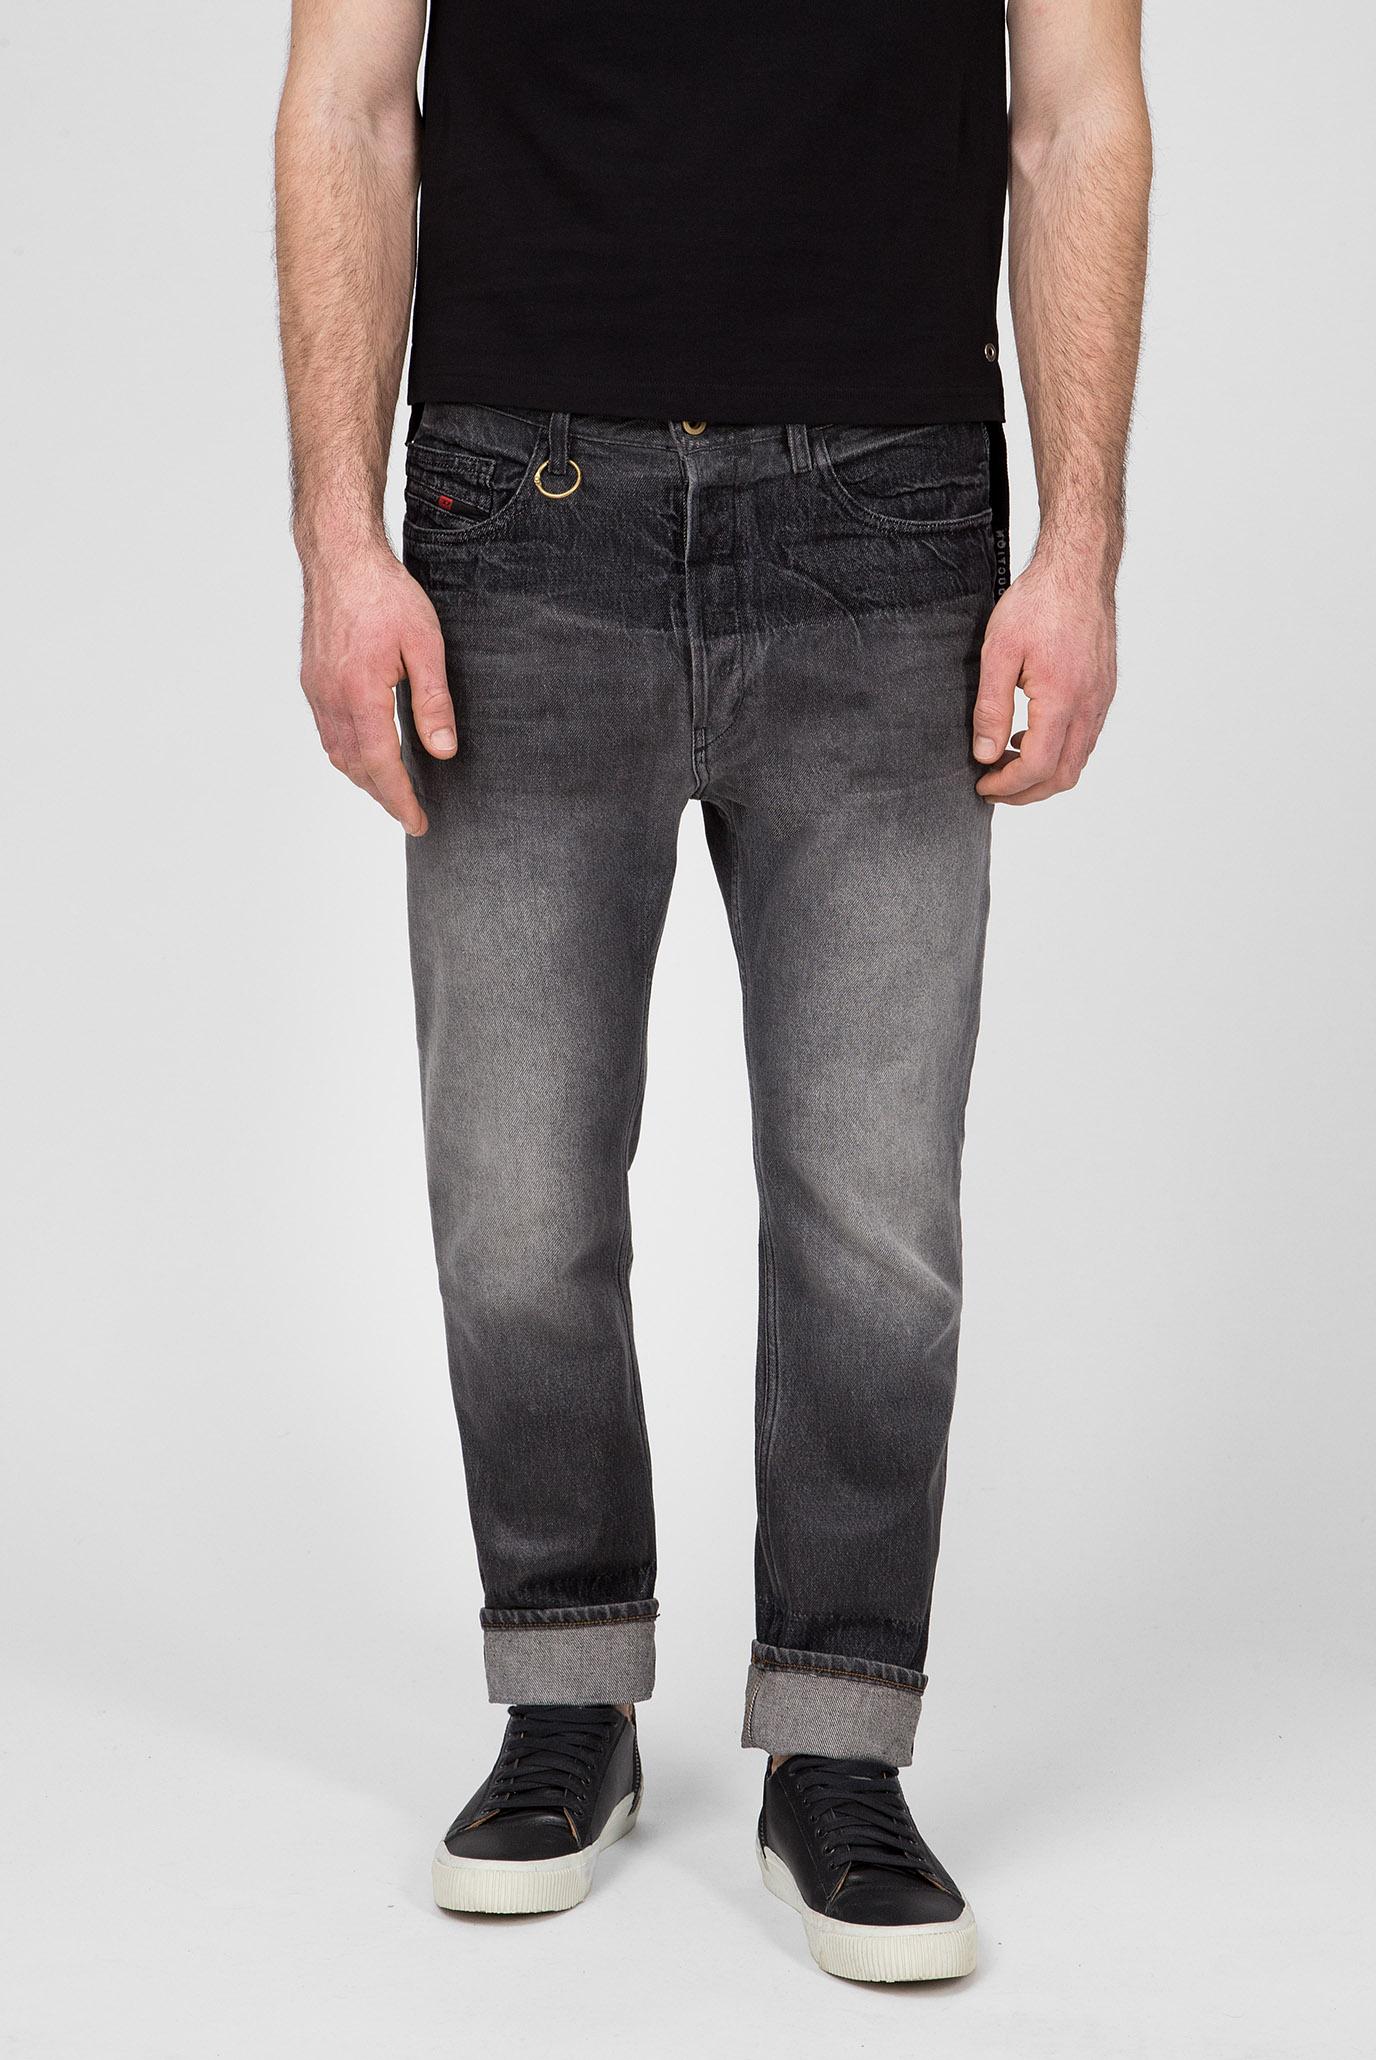 Купить Мужские серые джинсы D-AYGLE Diesel Diesel 00SMY7 089AU – Киев, Украина. Цены в интернет магазине MD Fashion